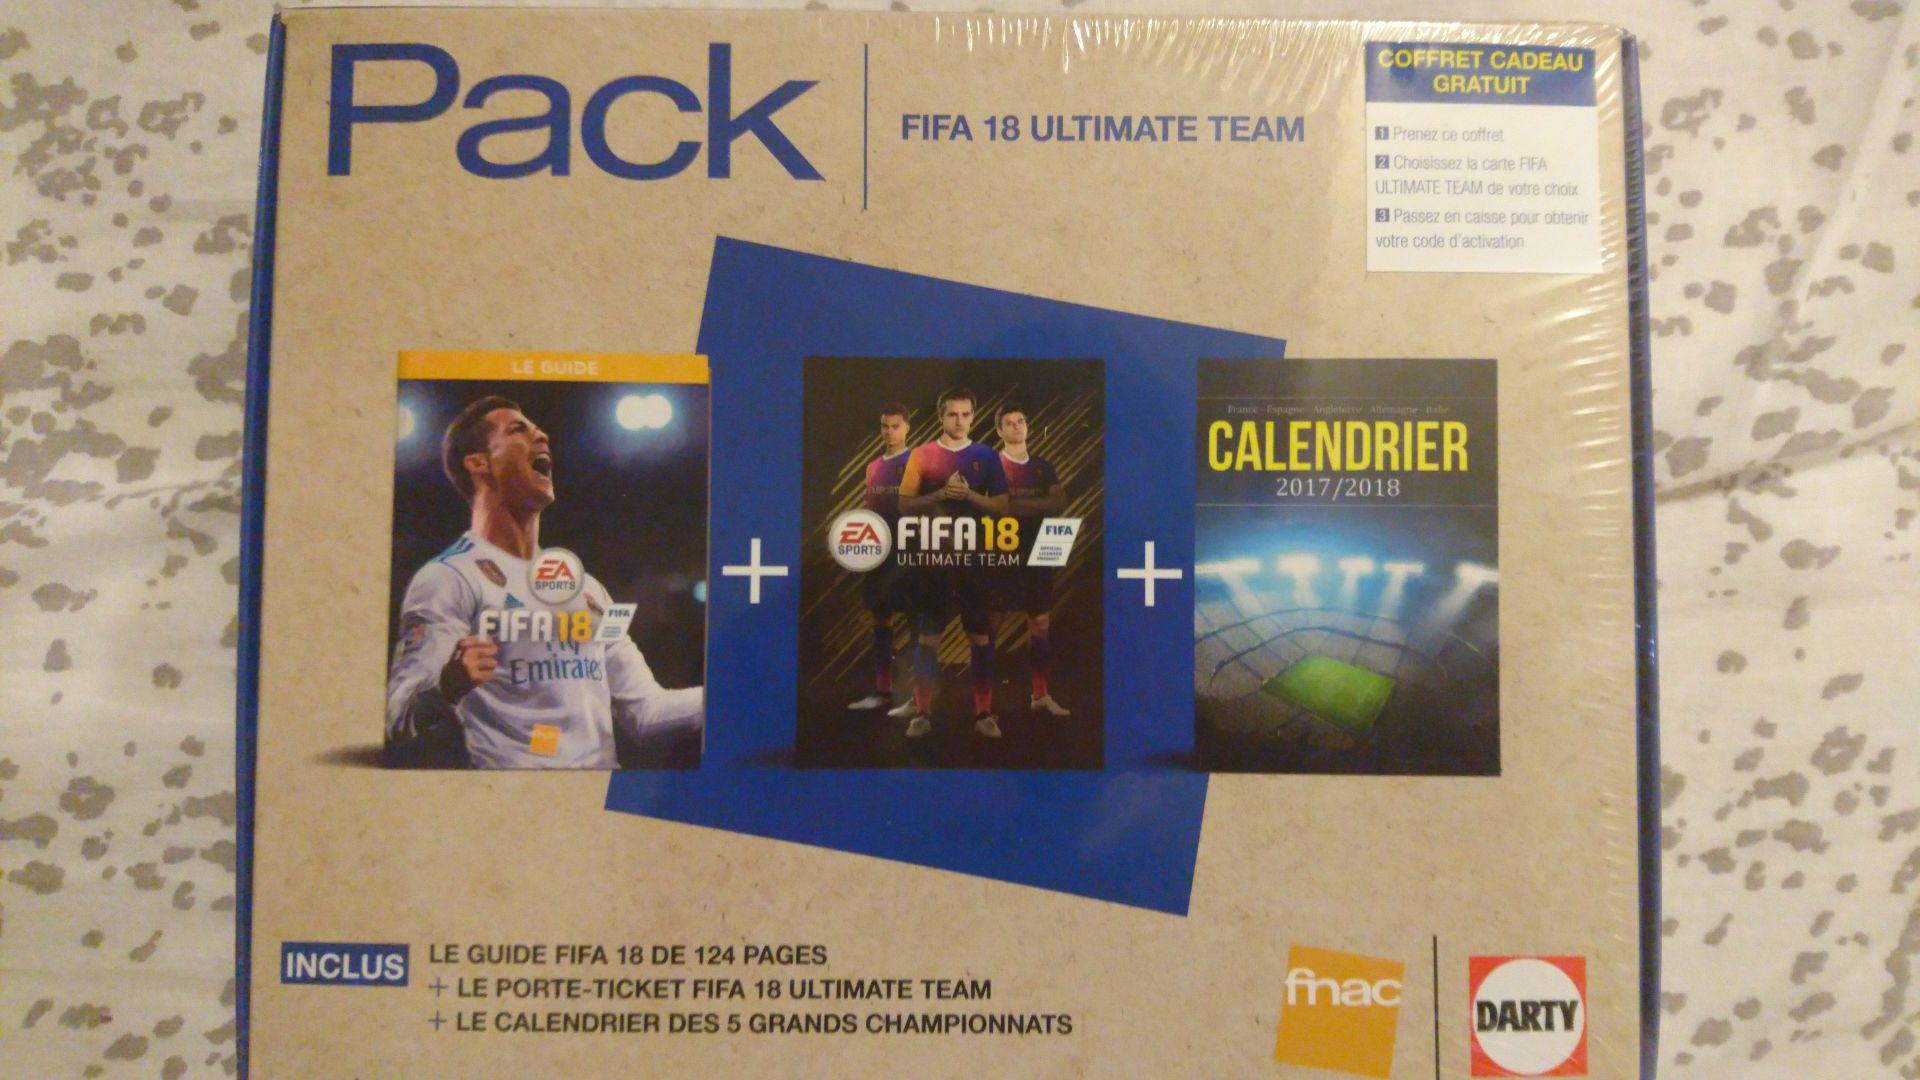 Coffret cadeau gratuit pour l'achat d'un pack de carte FIFA ultimate team - Forum des Halles (75)